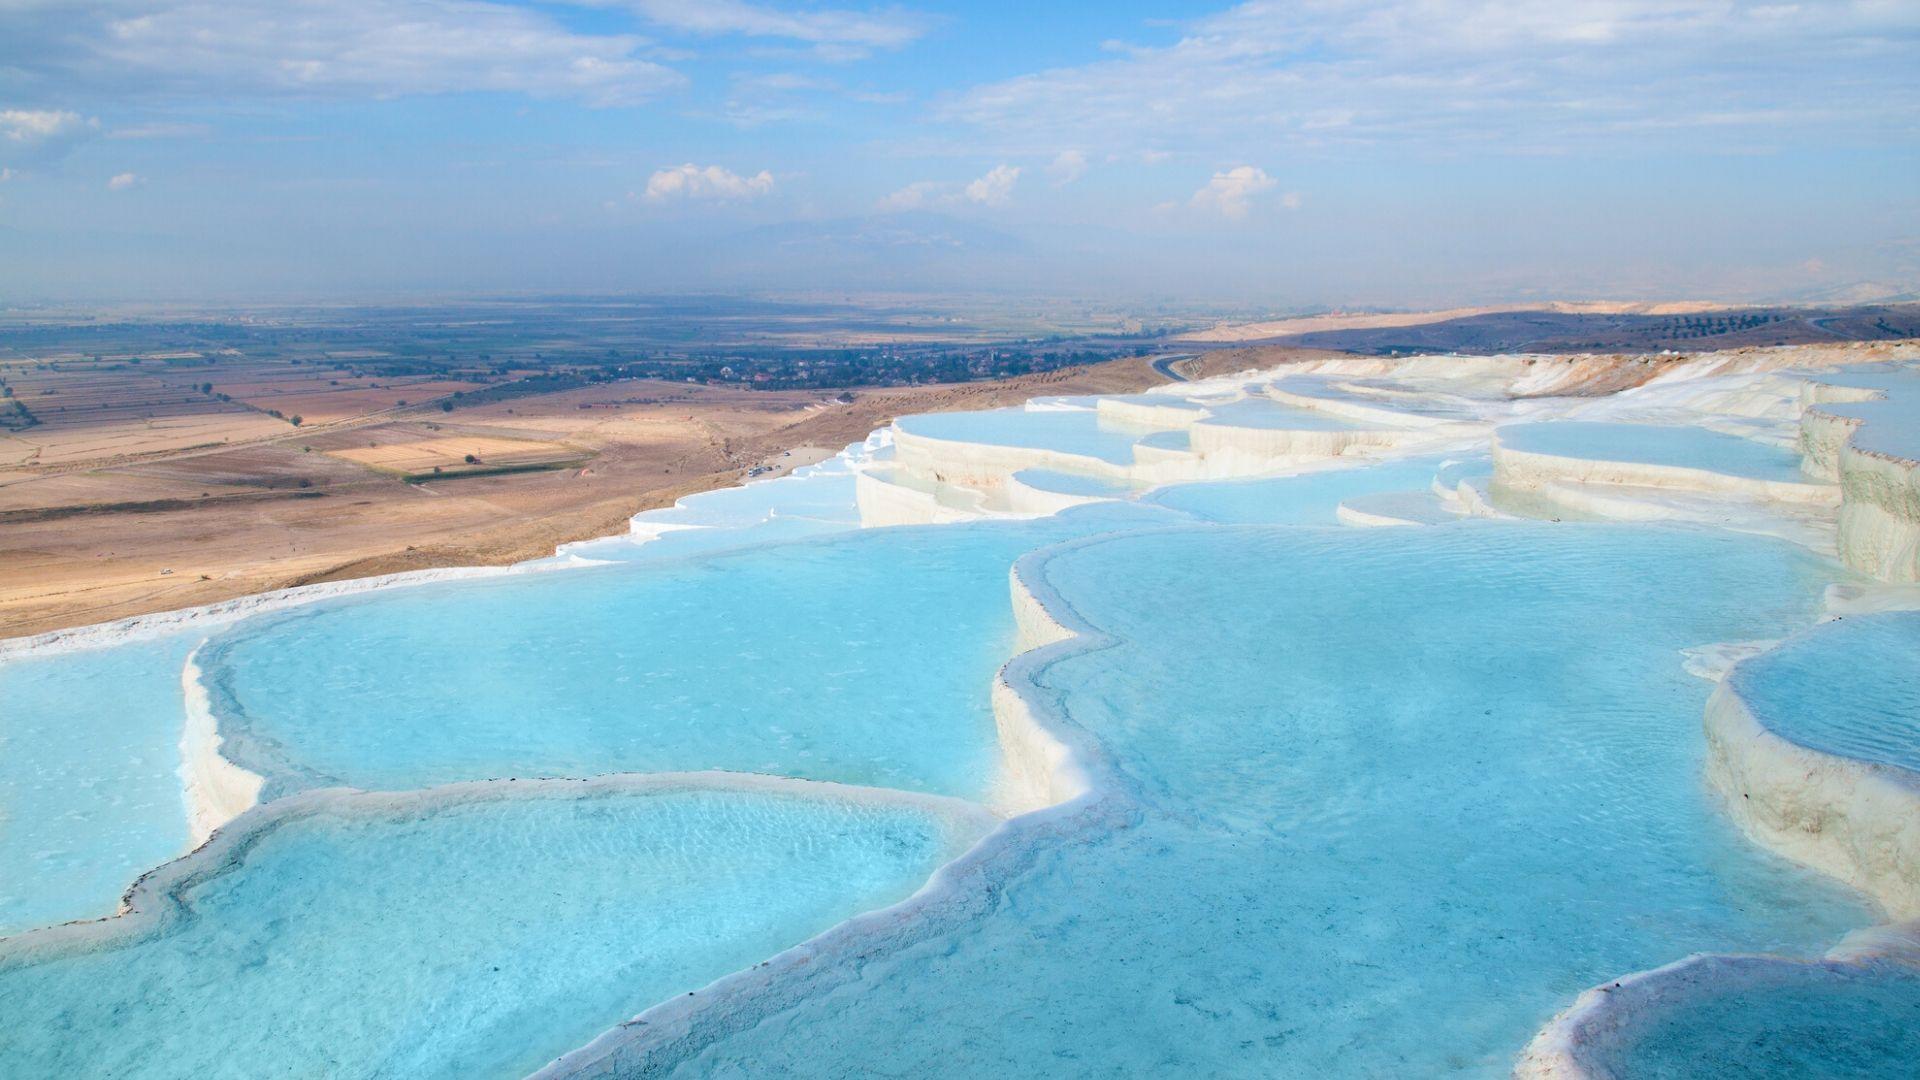 Pažintinė kelionė į Turkiją - puiki proga aplankyti gražiausius šalies gamtos kampelius